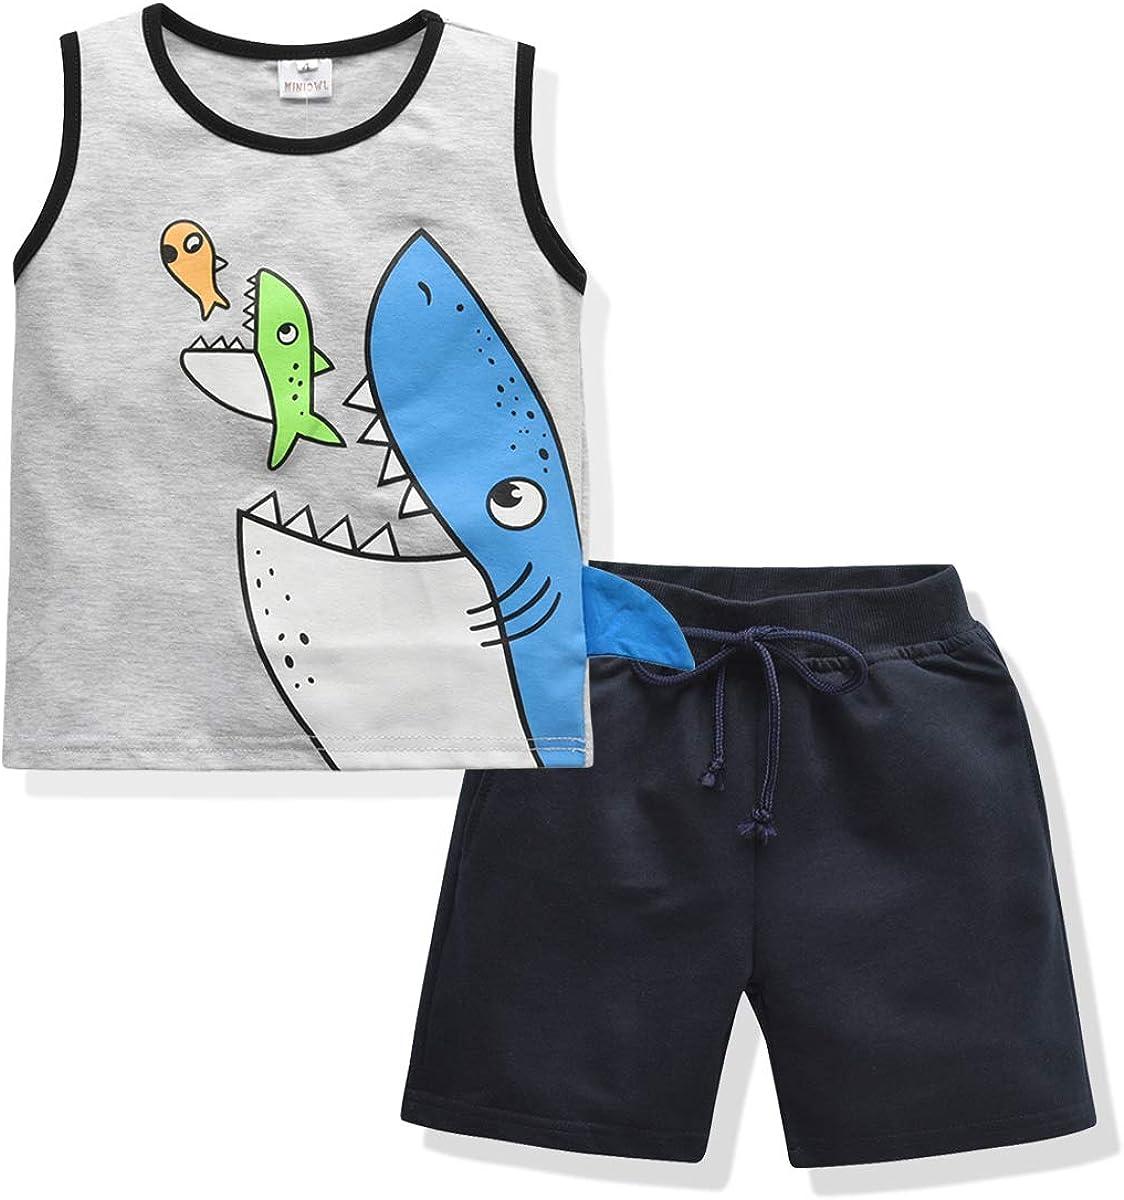 2PCS Toddler Boys Summer Outfits Cute Sharks Print Sleeveless Tank Tops T-Shirt and Shorts Clothing Sets